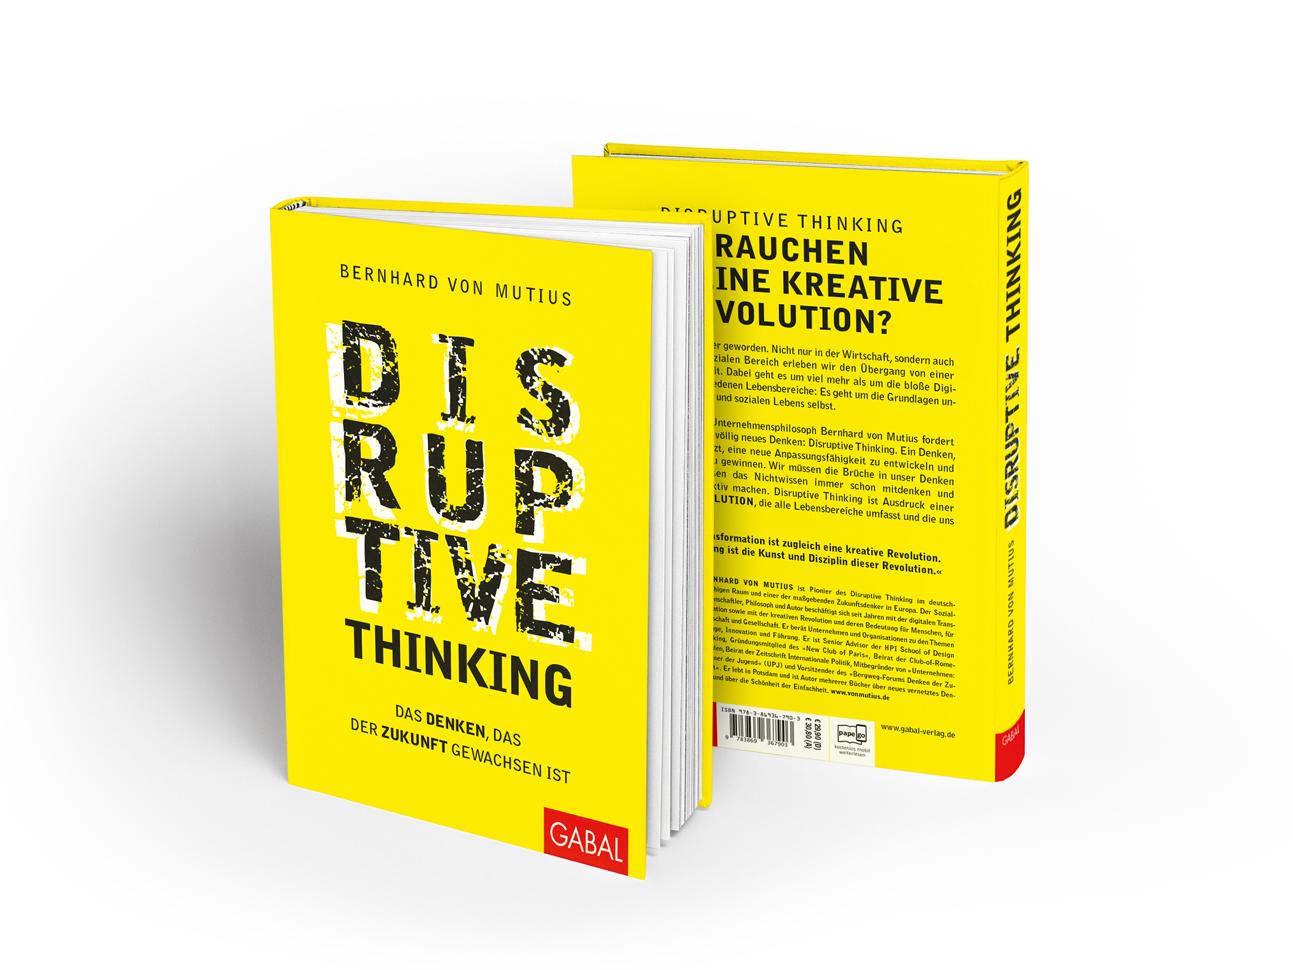 martin zech design buchcover design, bernhard von mutius, disruptive thinking